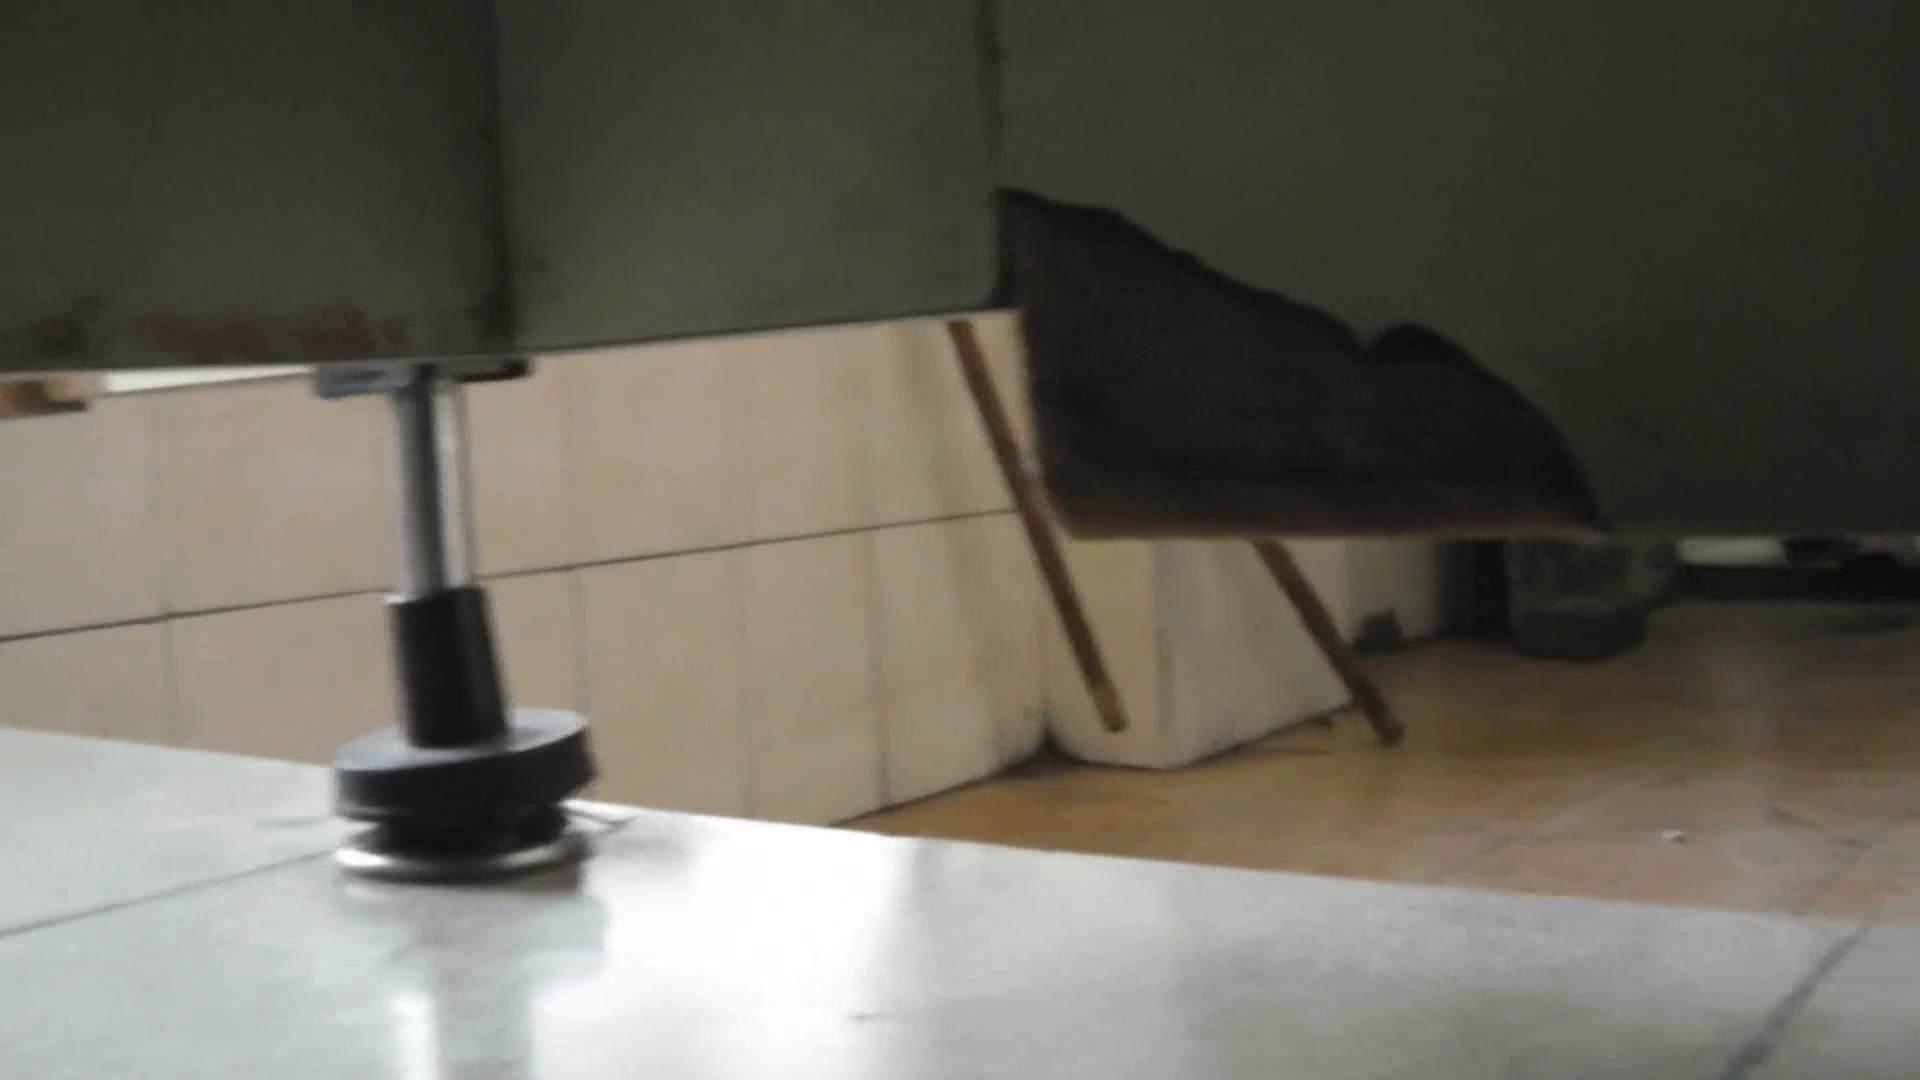 世界の射窓から ステーション編 vol.17厦大女厕偷拍 qianp OLのボディ  105PIX 22